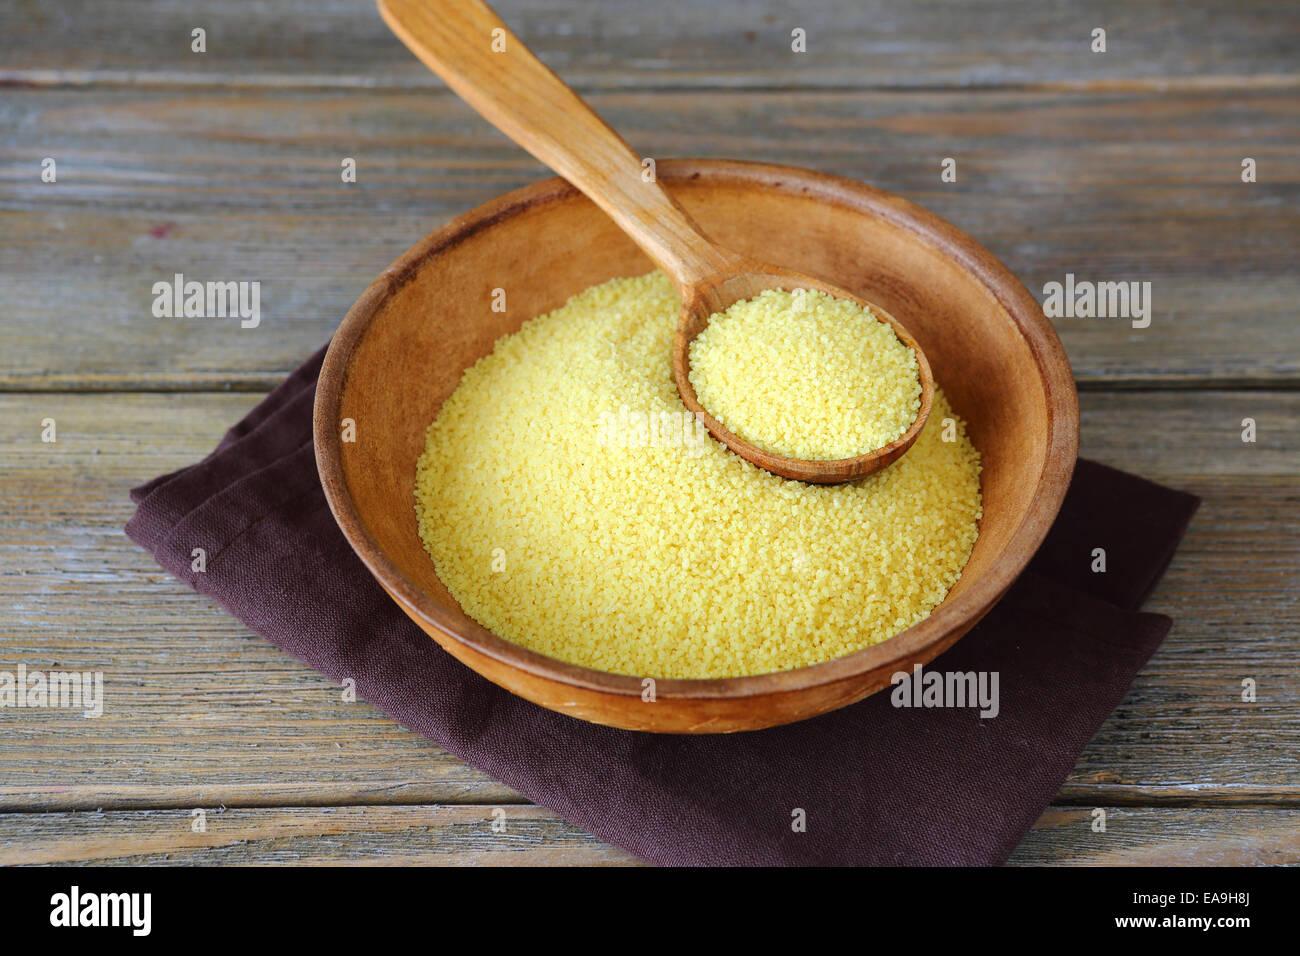 Cuscús árabe en un tazón sobre tablas de madera, ingrediente alimentario Imagen De Stock